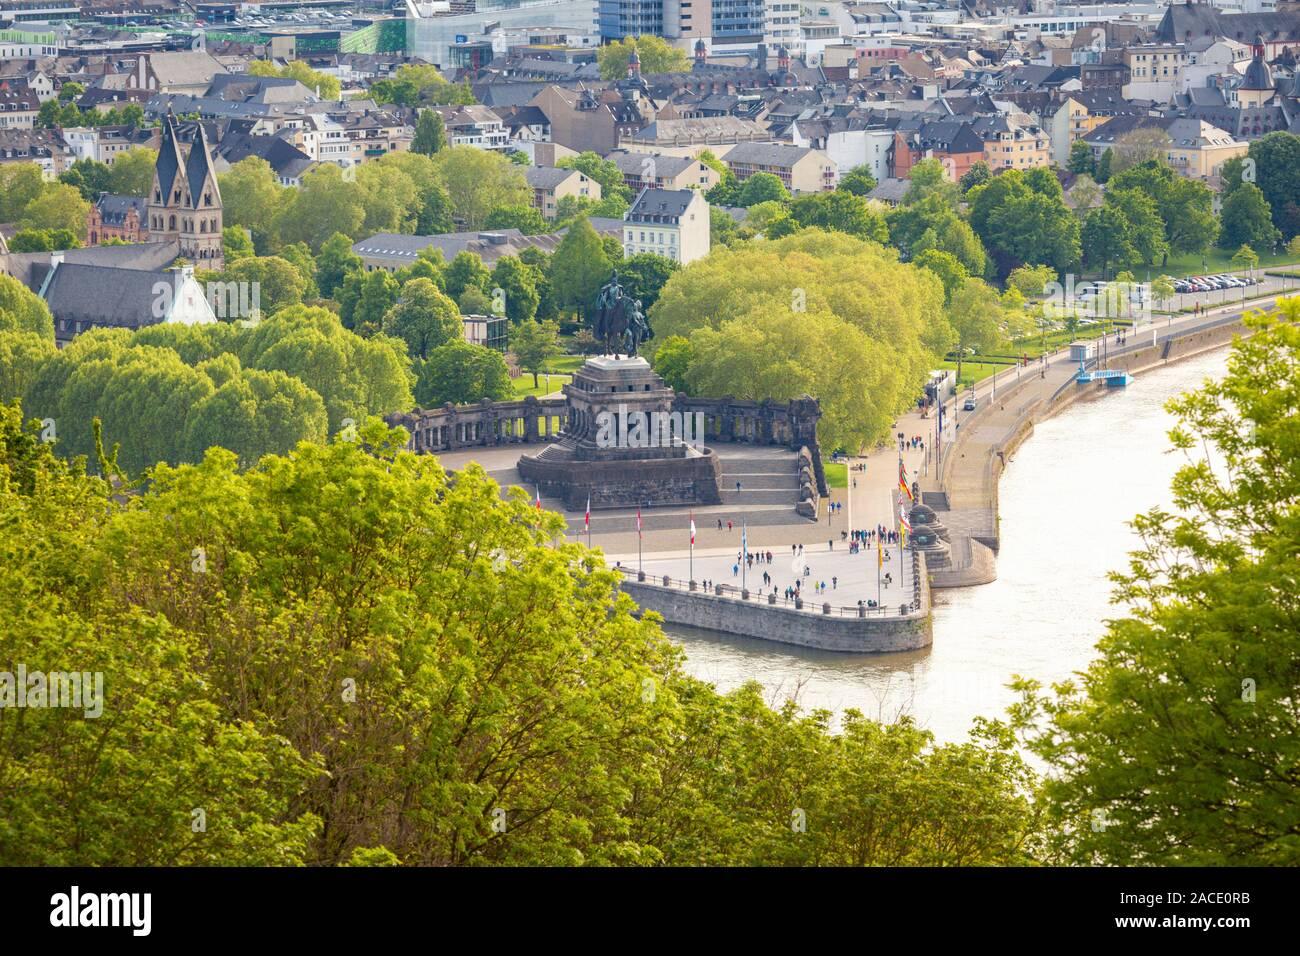 Panorama von Koblenz. Koblenz, Rheinland-Pfalz, Deutschland. Stockfoto